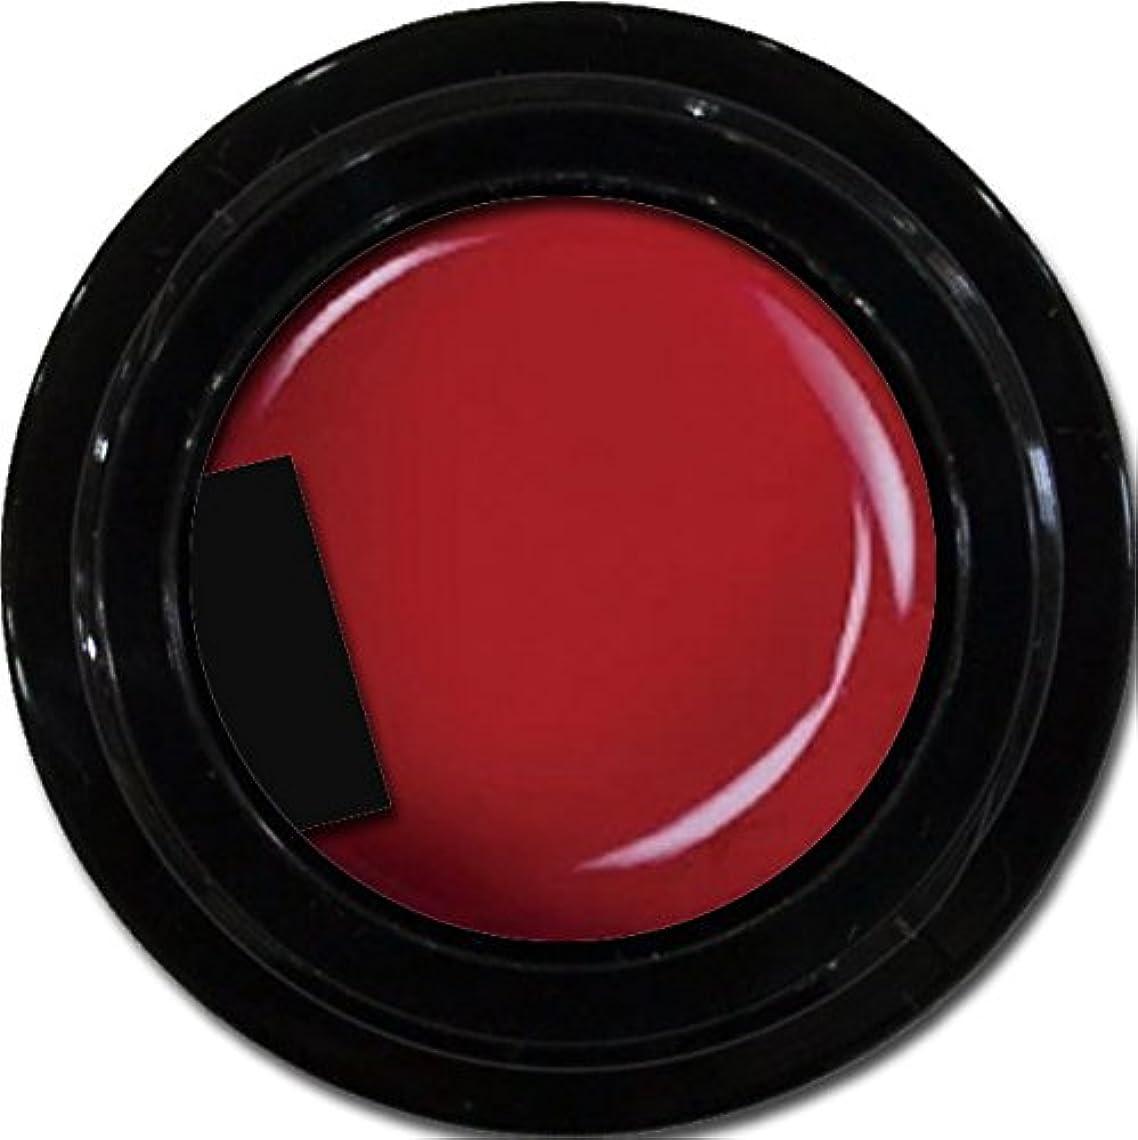 ストッキングキャラクター並外れたカラージェル enchant color gel M401 ShinyRed 3g/ マットカラージェル M401 シャイニーレッド 3グラム